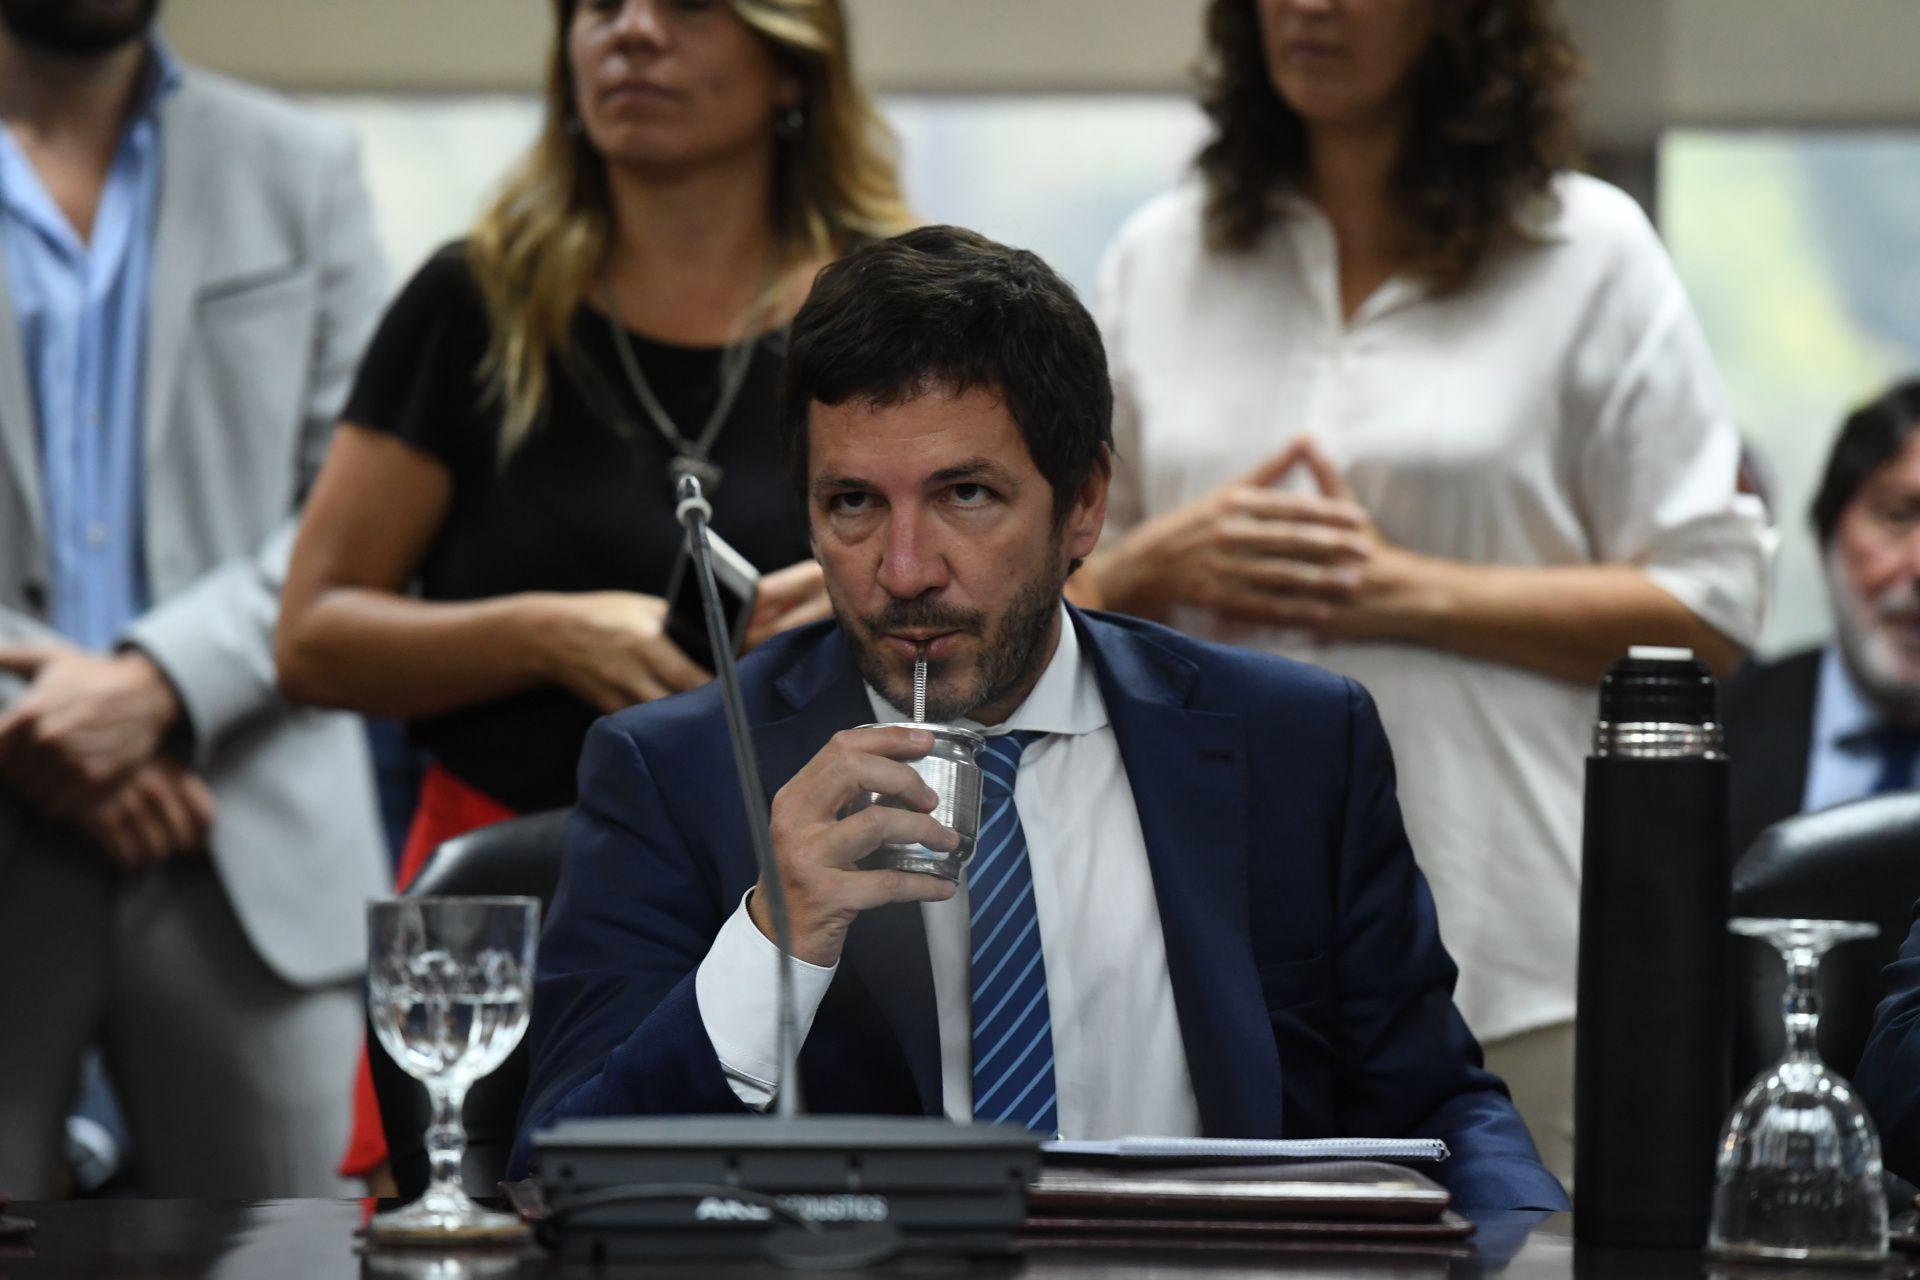 Gerónimo Ustarroz integra el Consejo de la Magistratura, el órgano que designa y remueve a los jueces. (Maximiliano Luna)